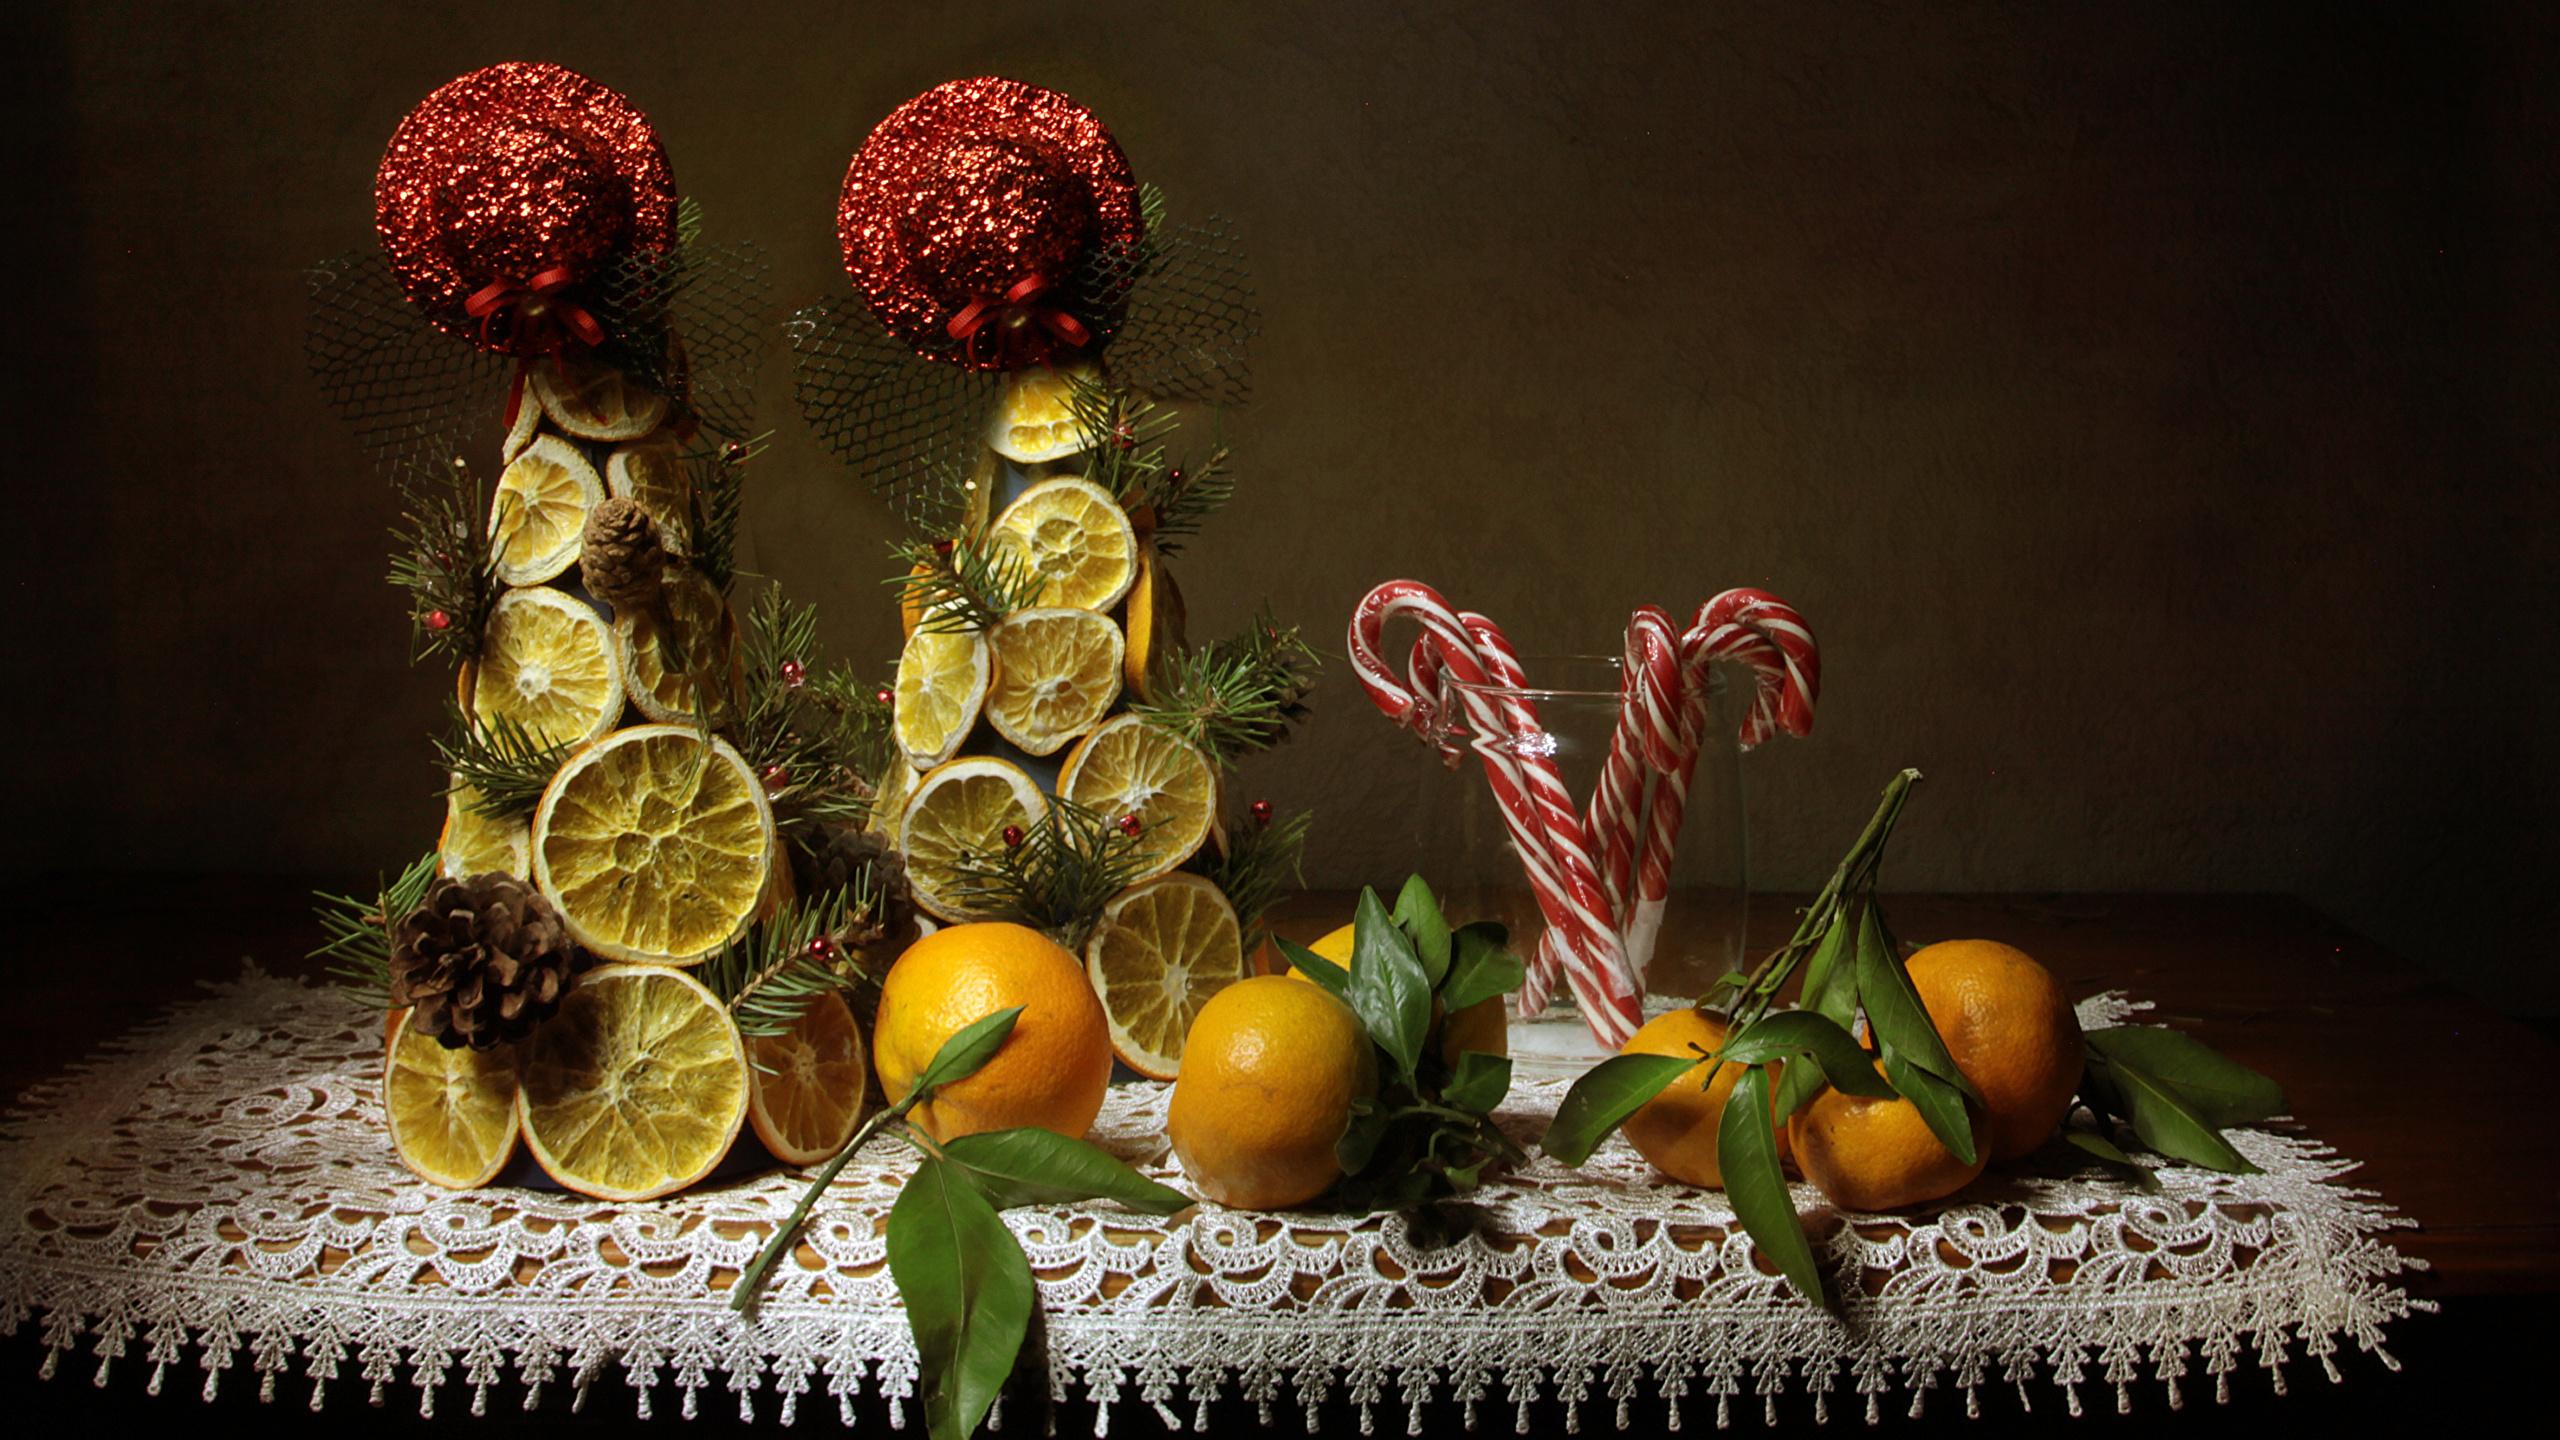 Картинка Мандарины Лимоны Продукты питания Сладости Дизайн 2560x1440 Еда Пища дизайна